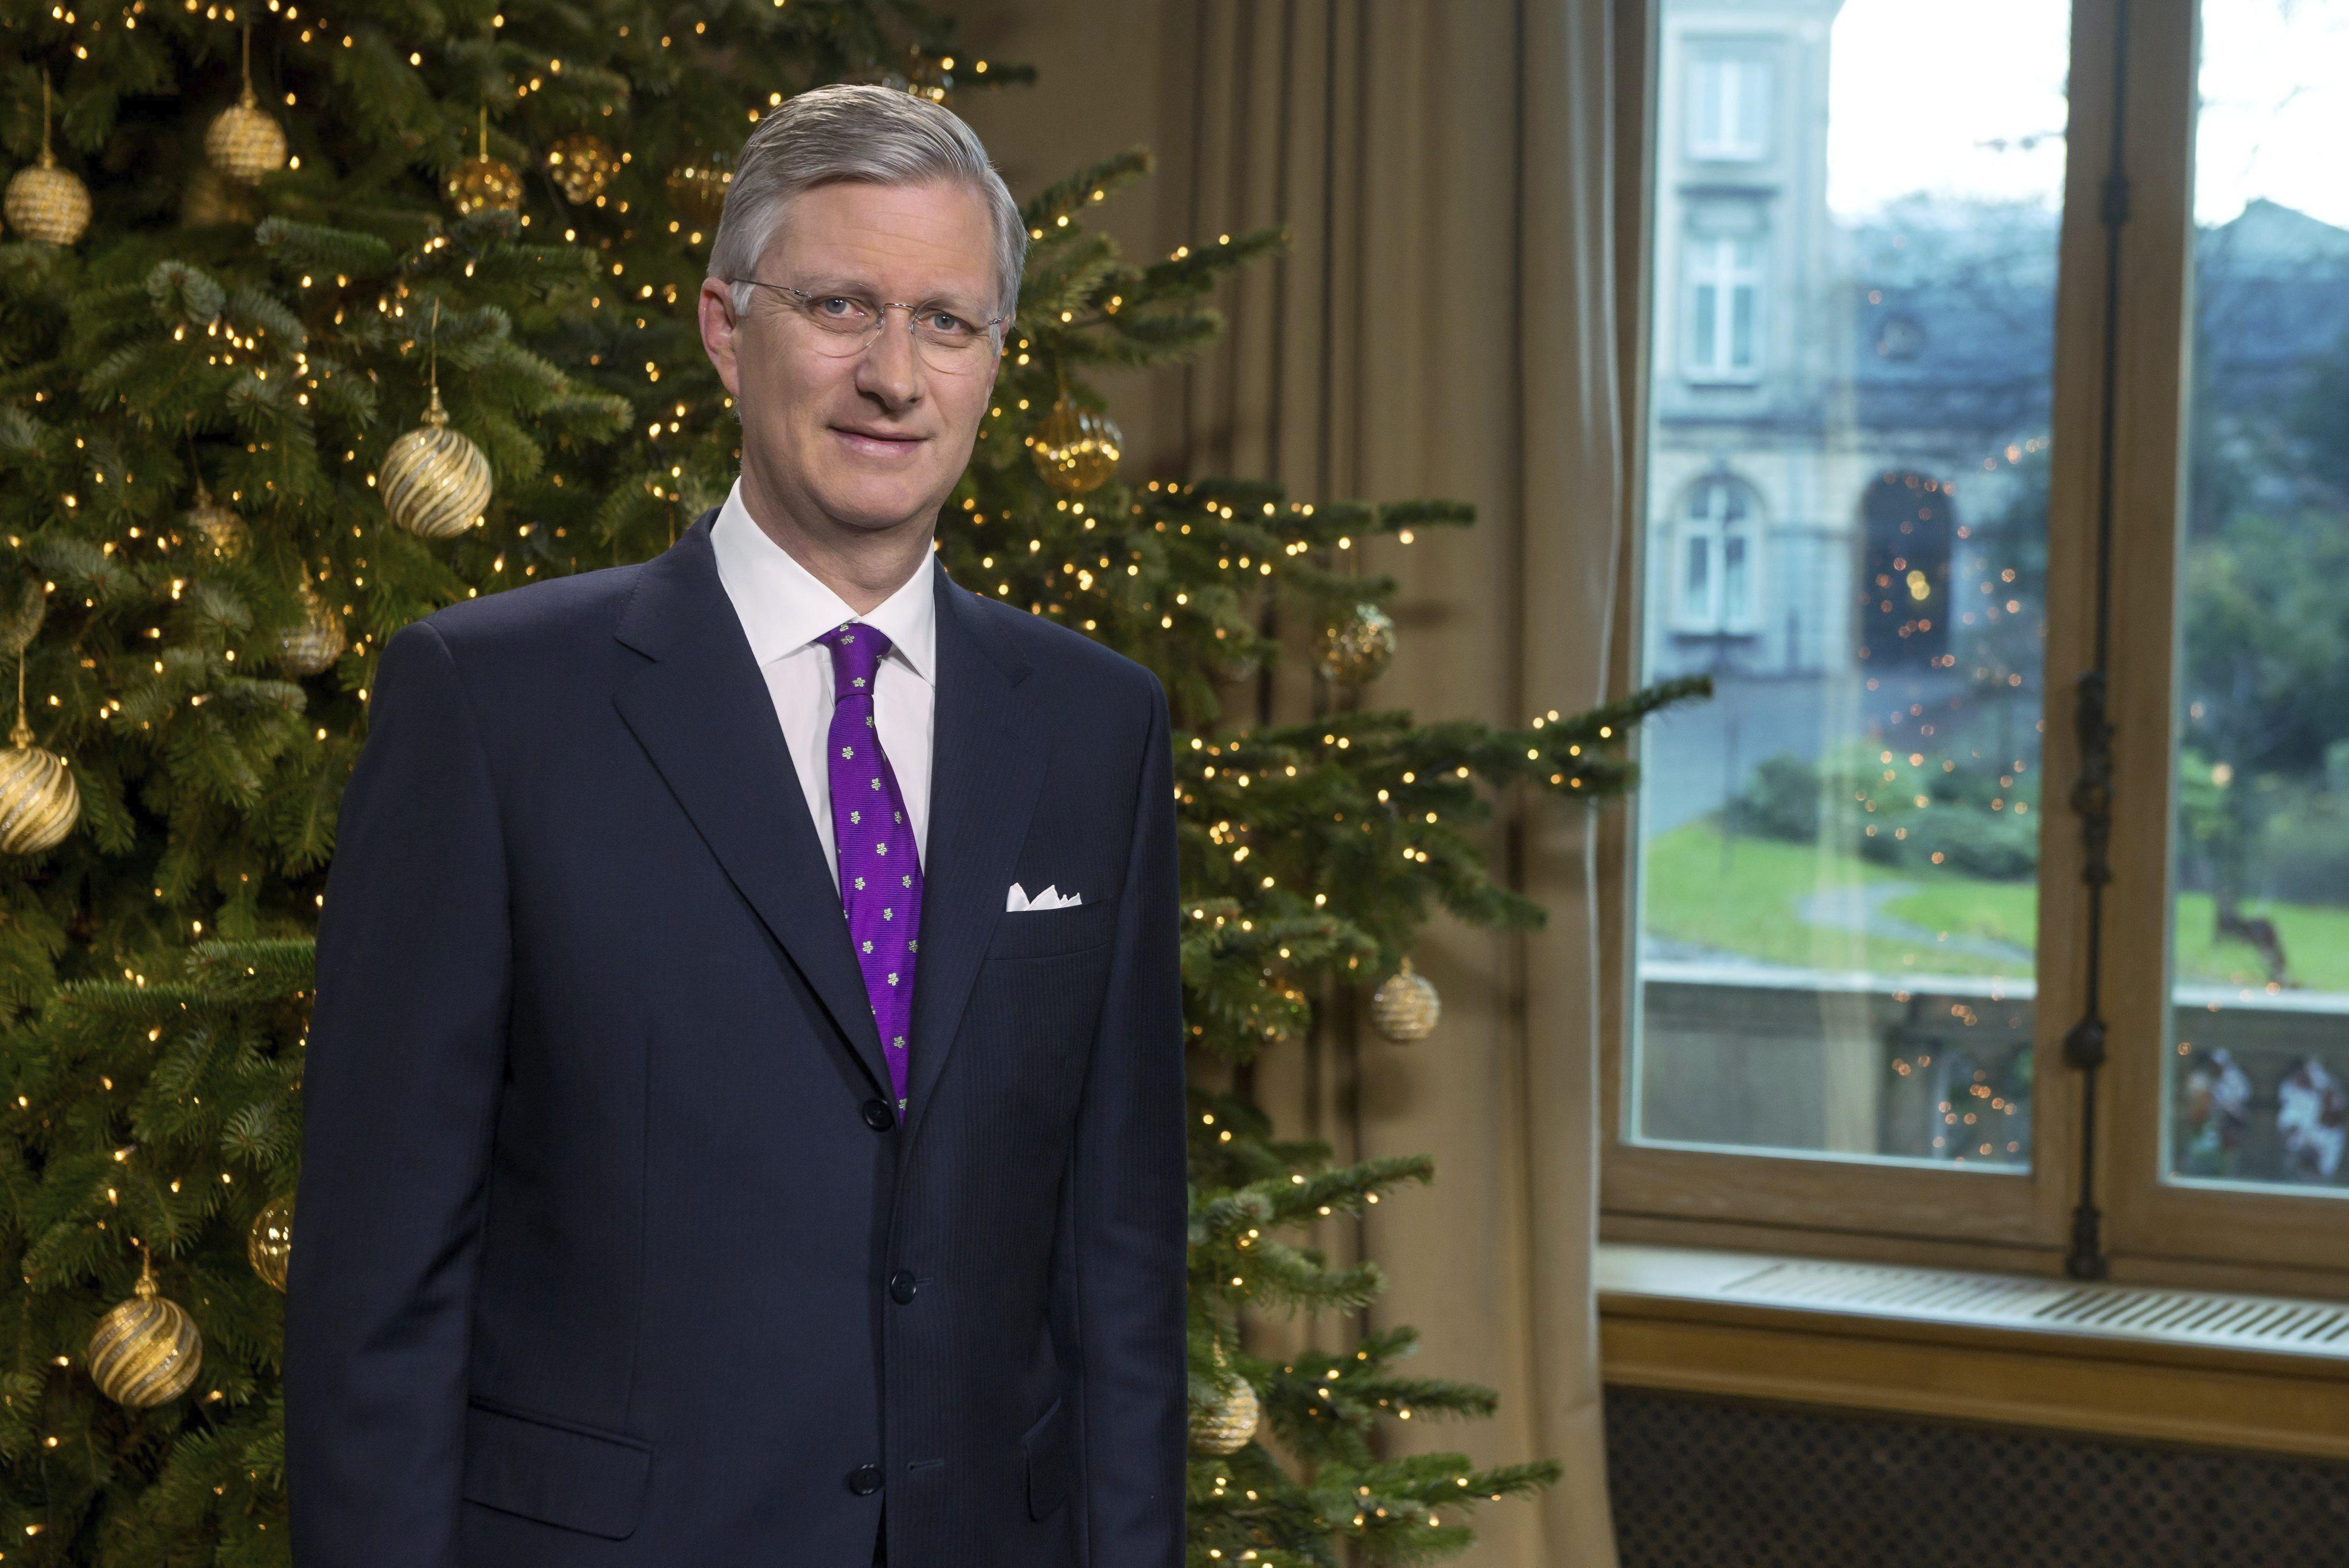 El rey Felipe de Bélgica dedica su primer discurso de Navidad al desempleo